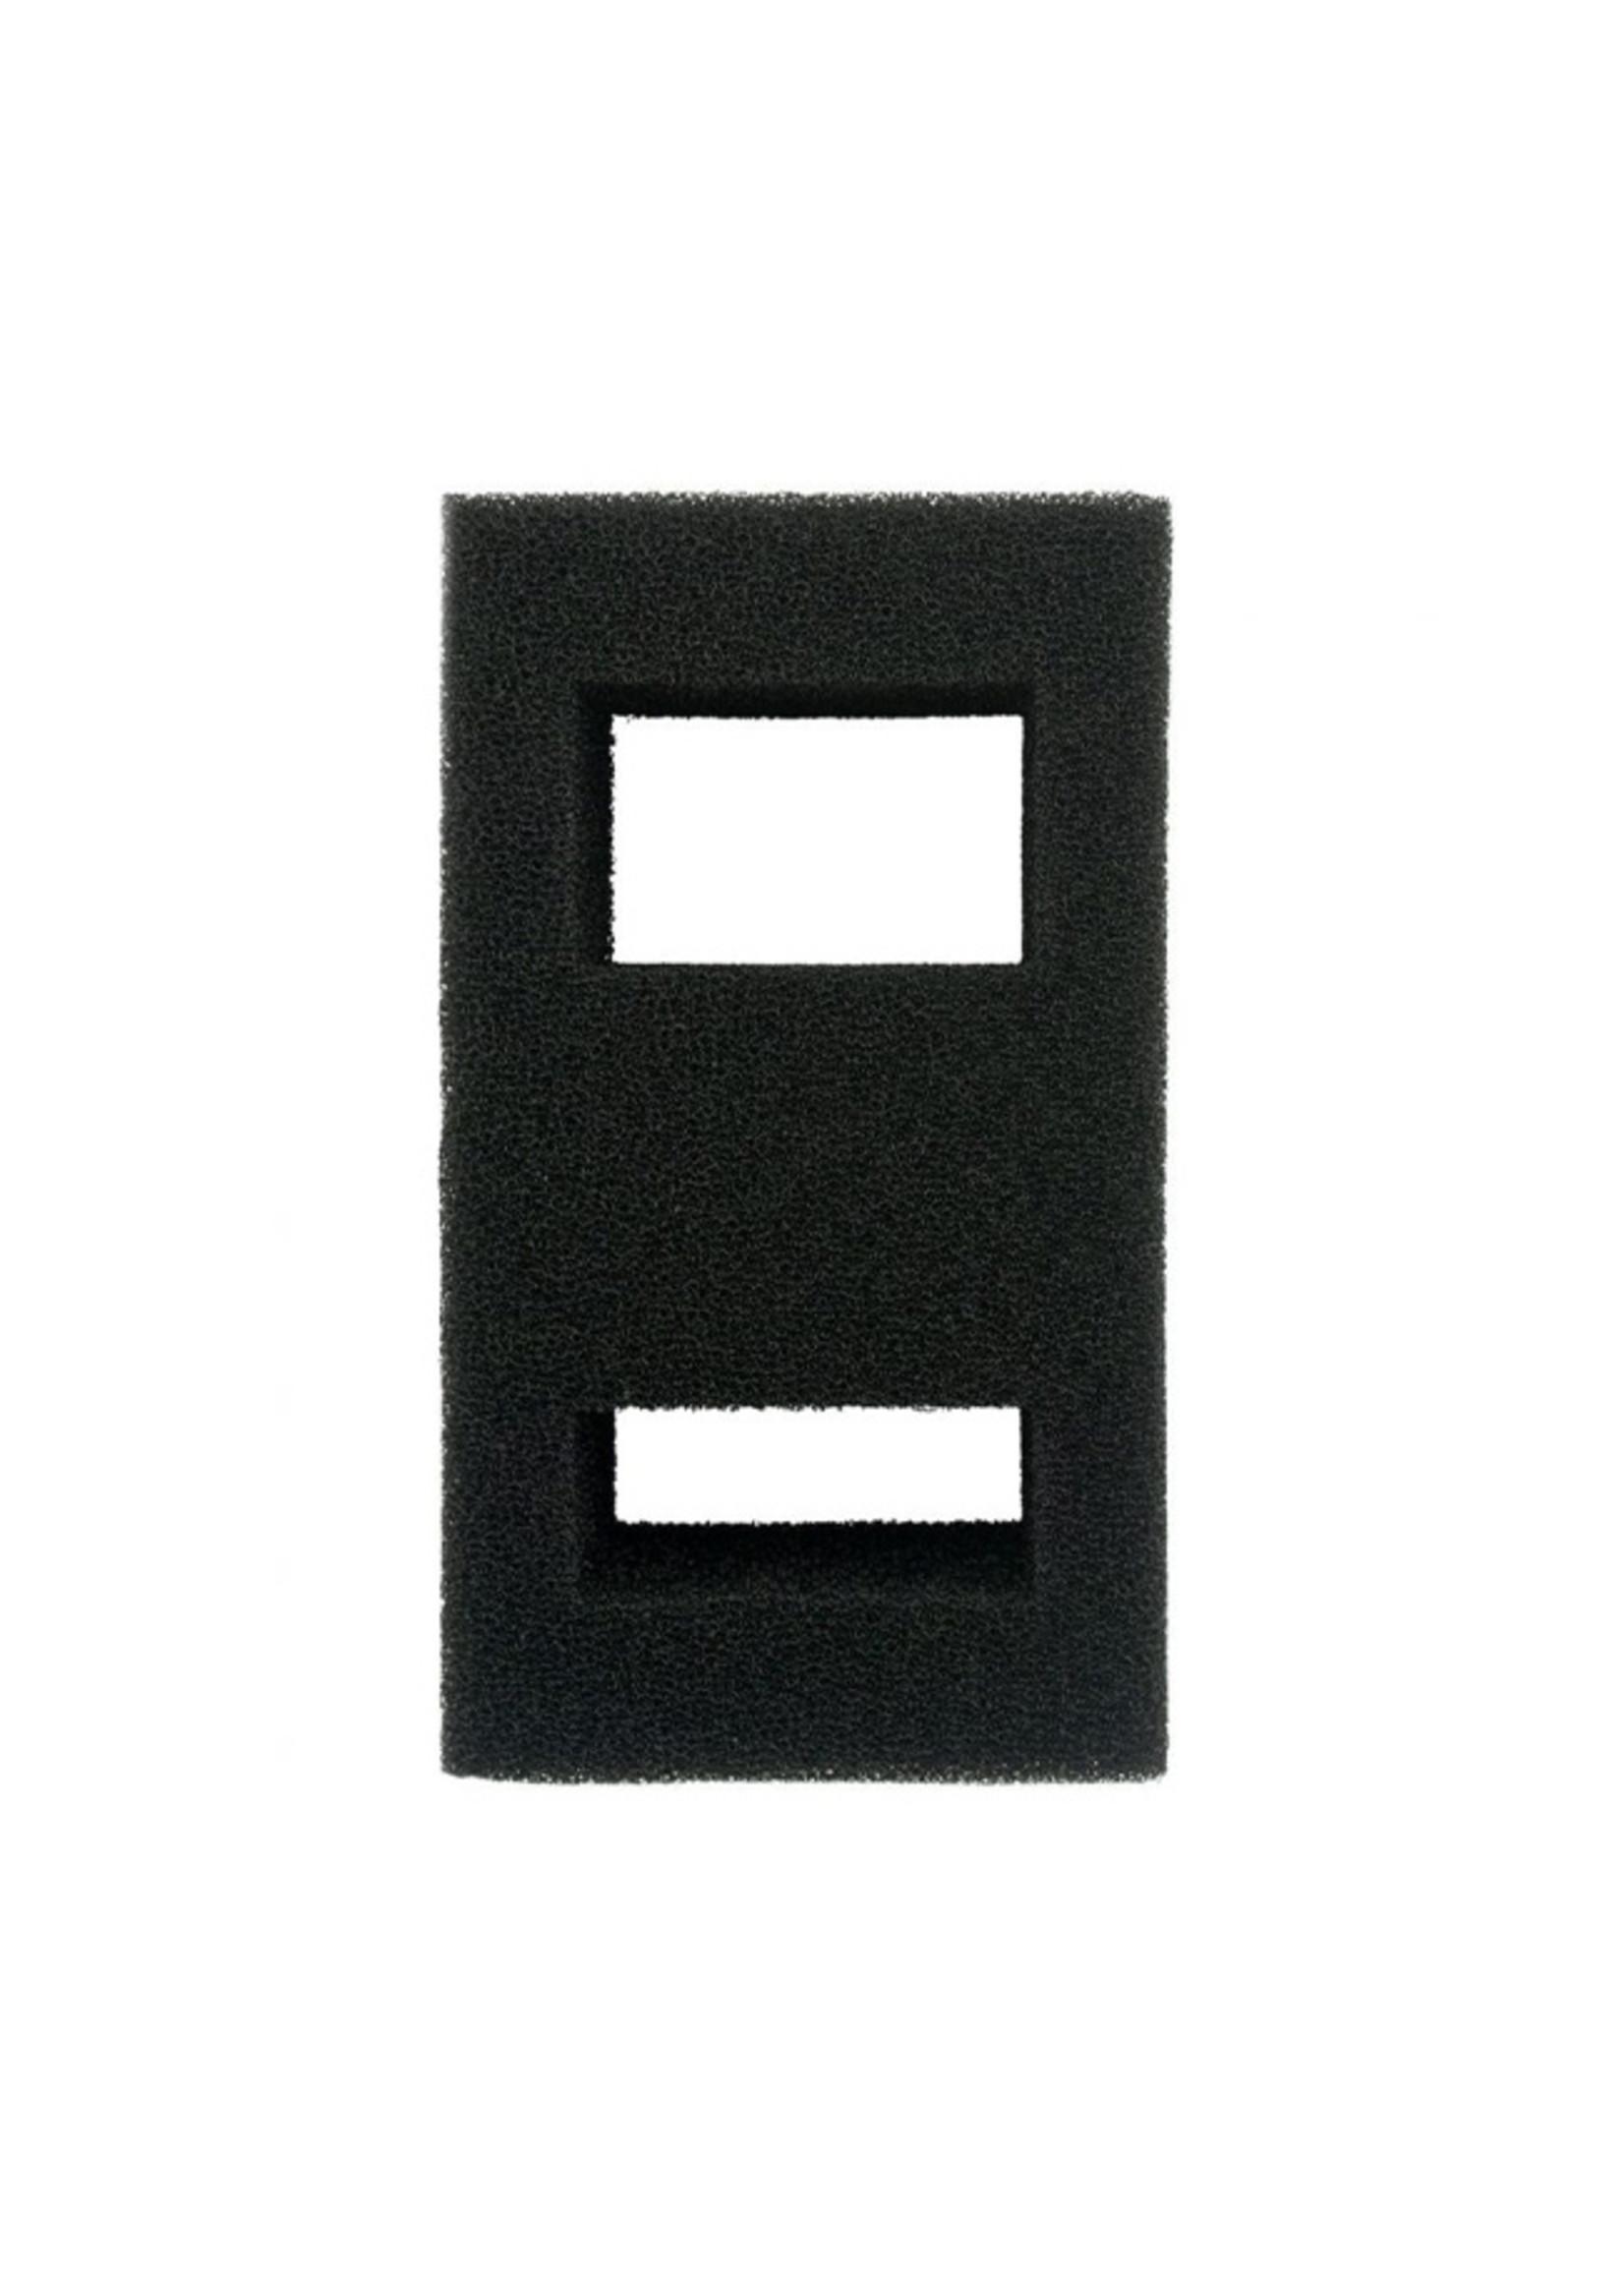 Fluval Fluval Spec / Evo / Flex Foam Filter Block